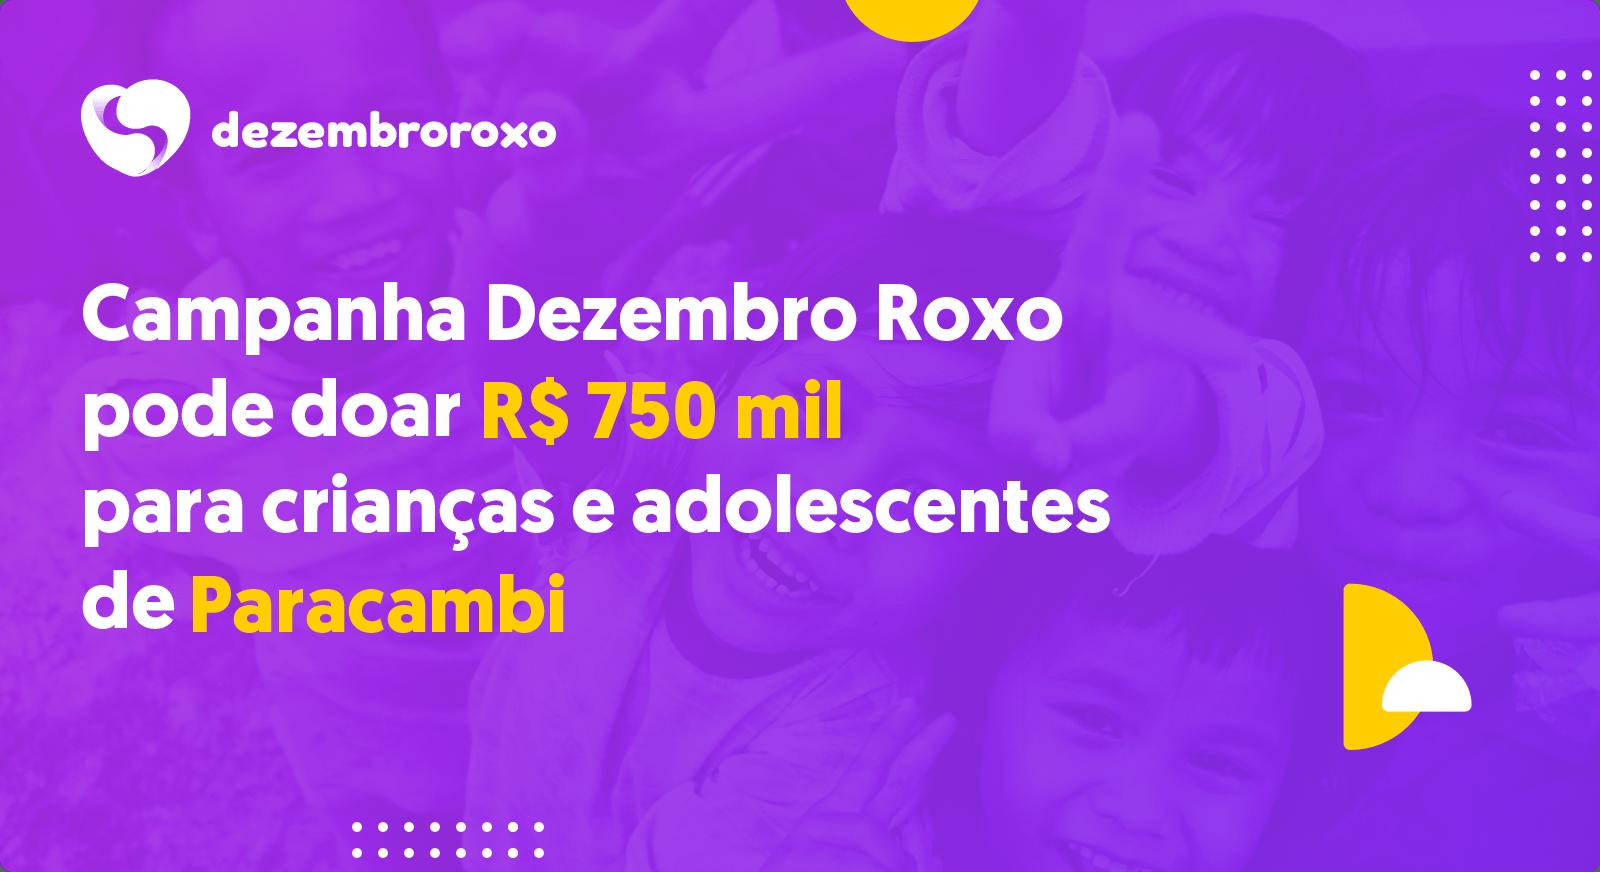 Doações em Paracambi - RJ